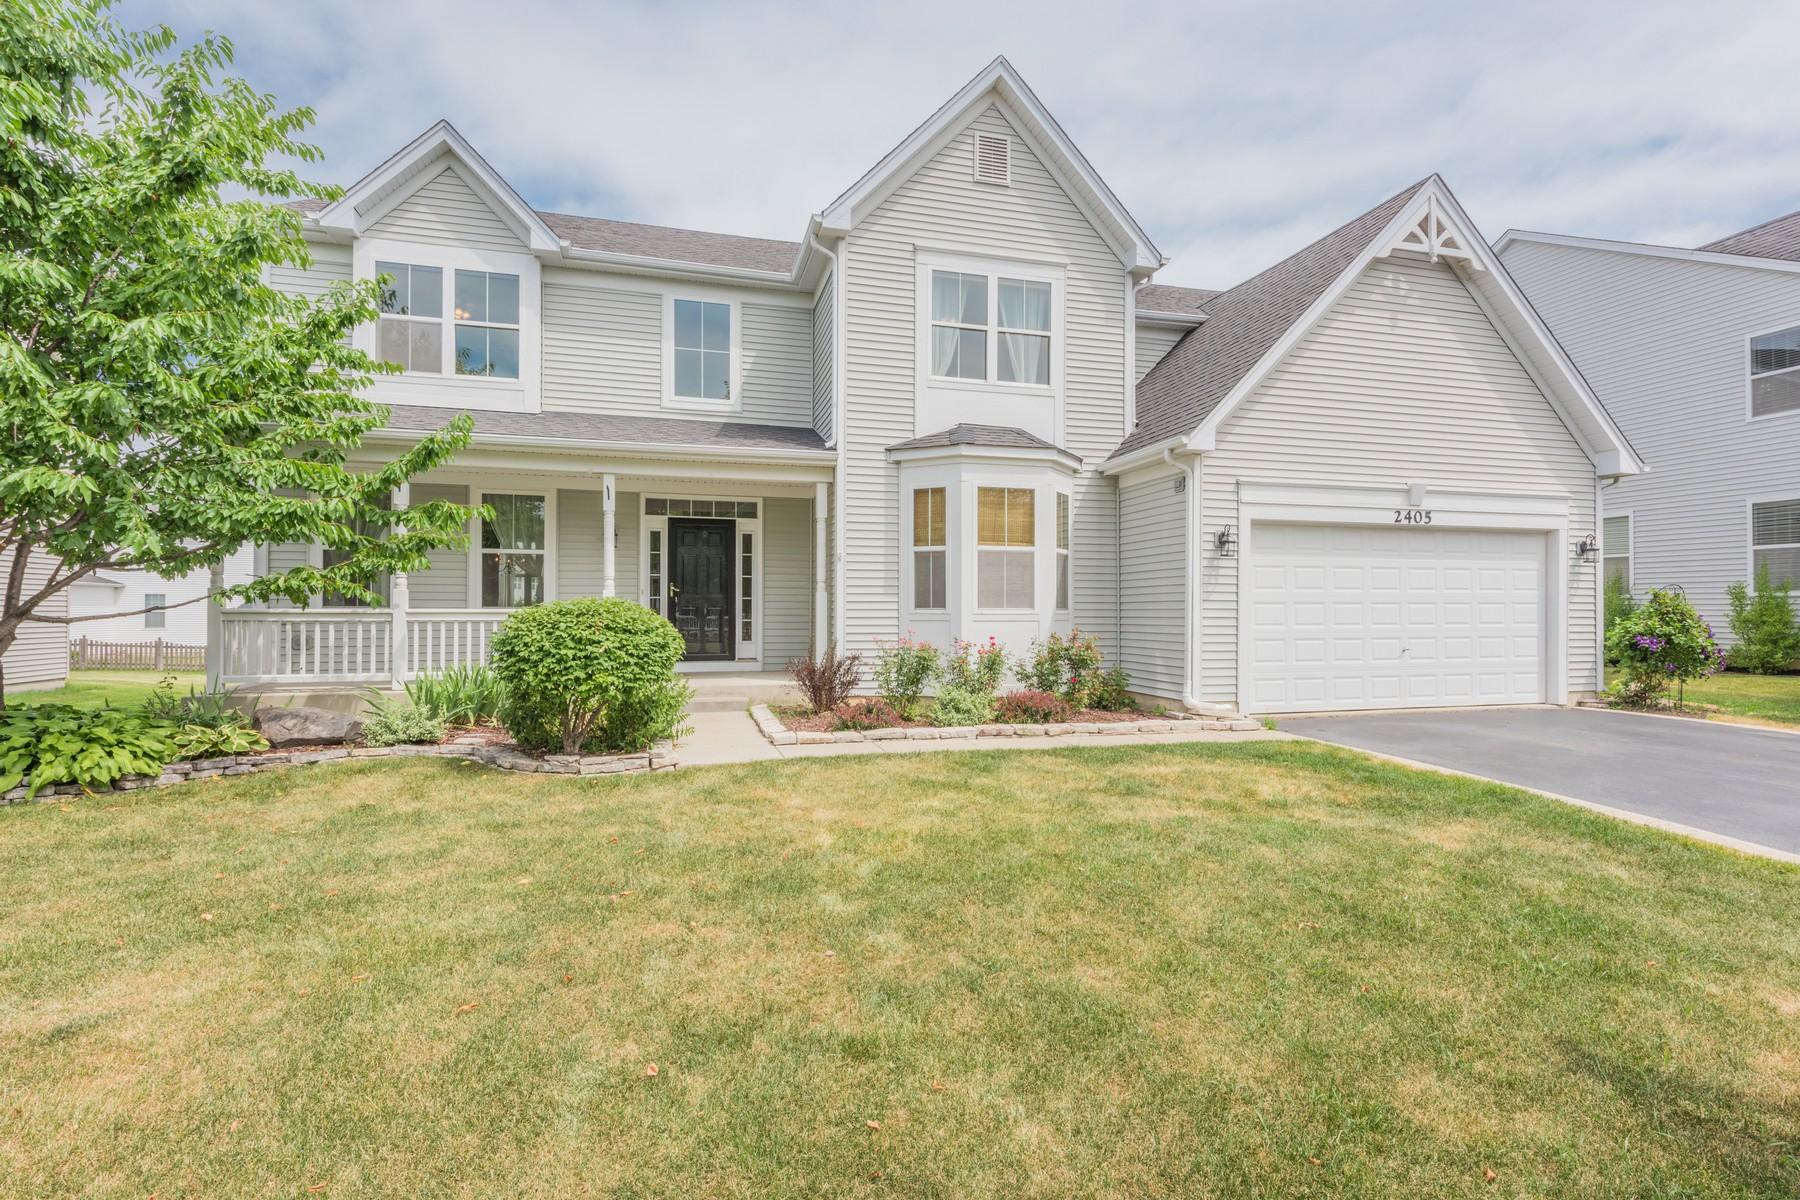 단독 가정 주택 용 매매 에 Freshly Updated Home 2405 Trailside Lane Wauconda, 일리노이즈, 60084 미국